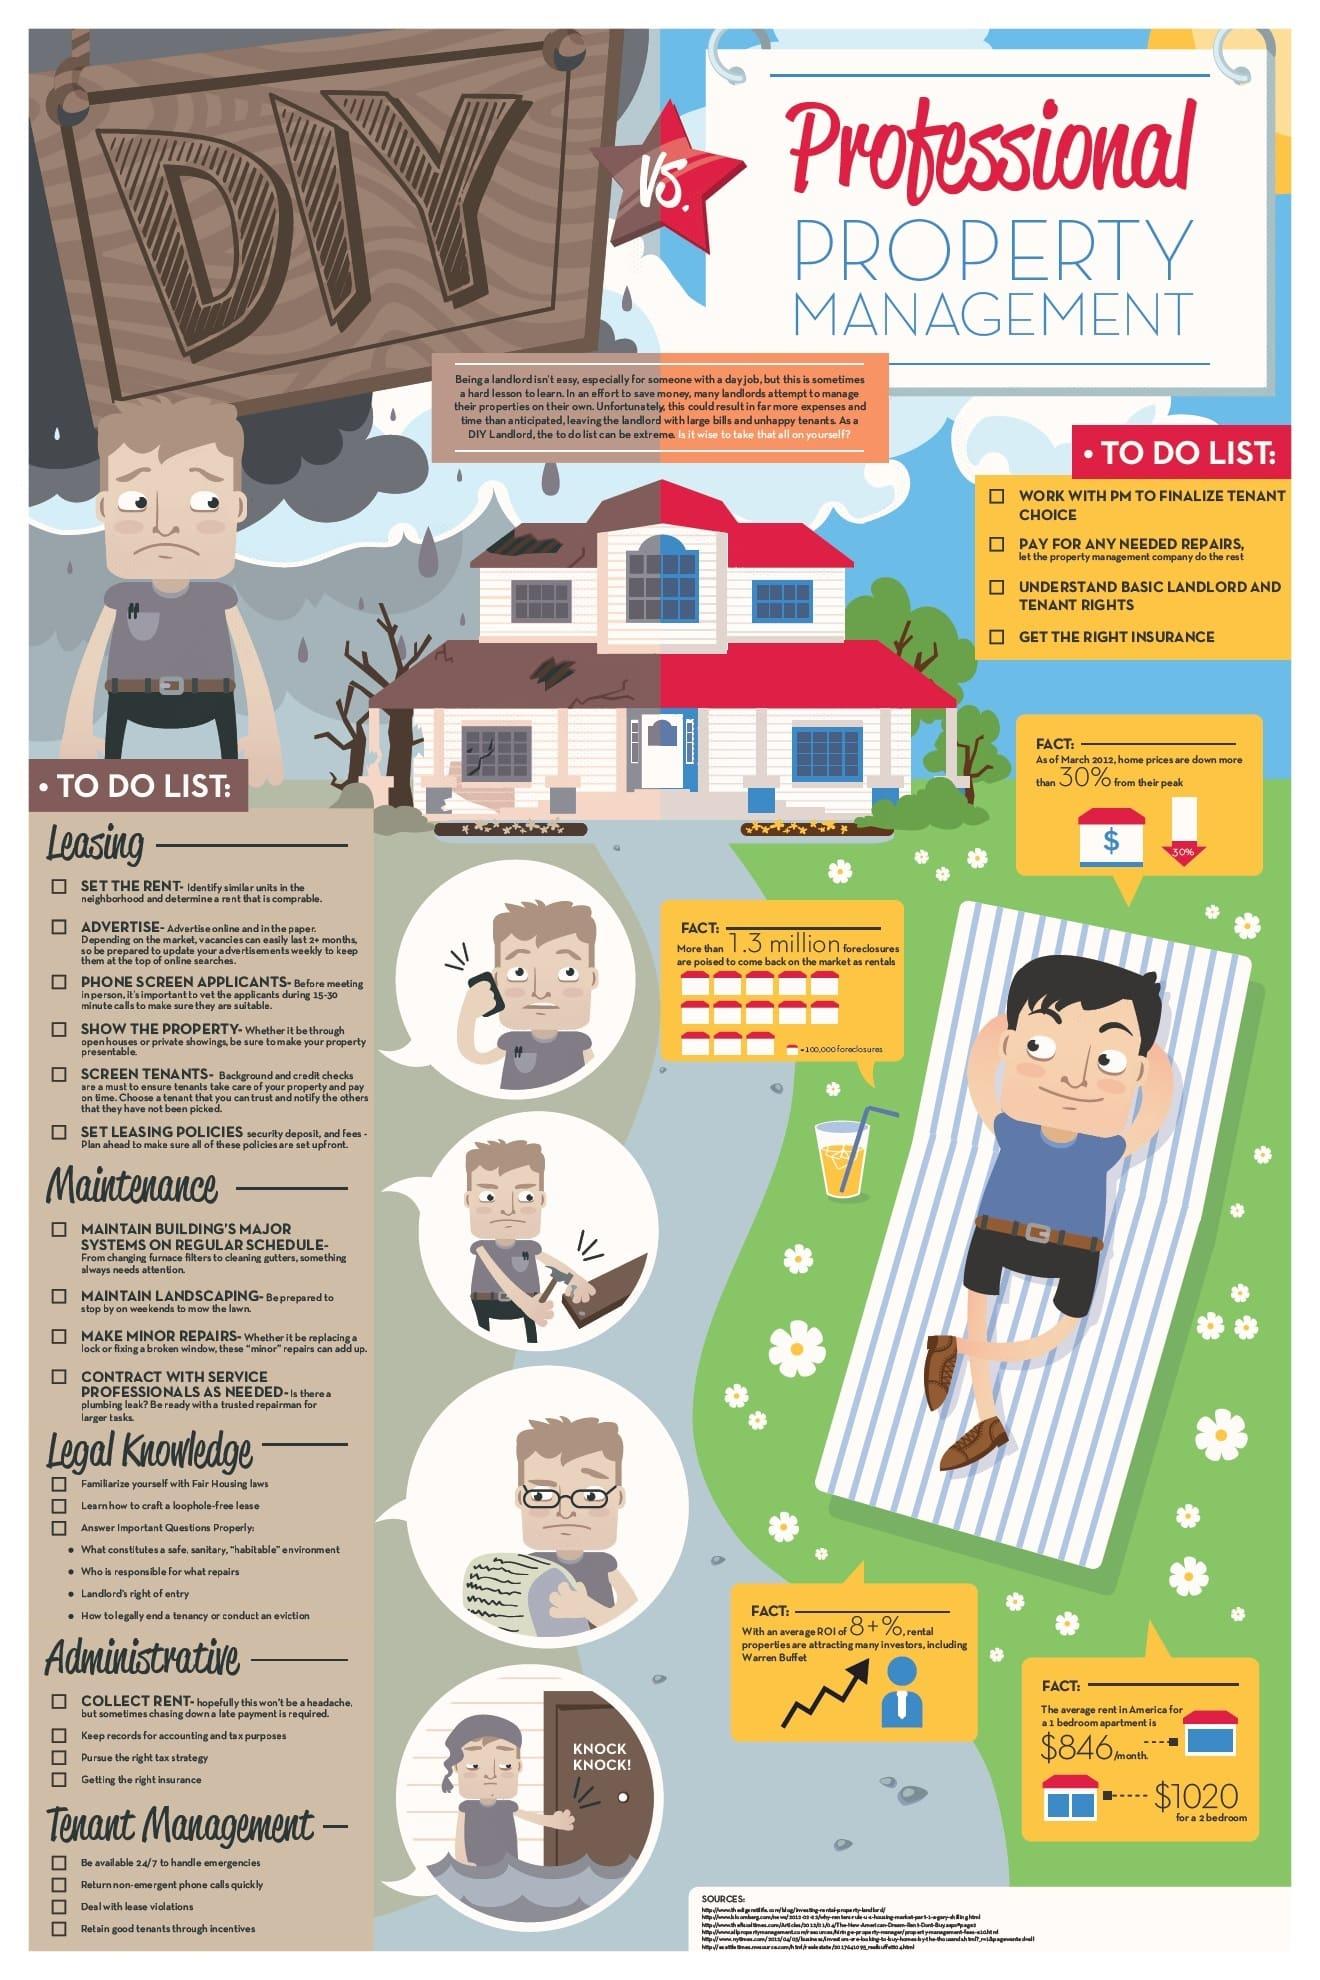 Keyrenter Huntersville Property Management - Illustration